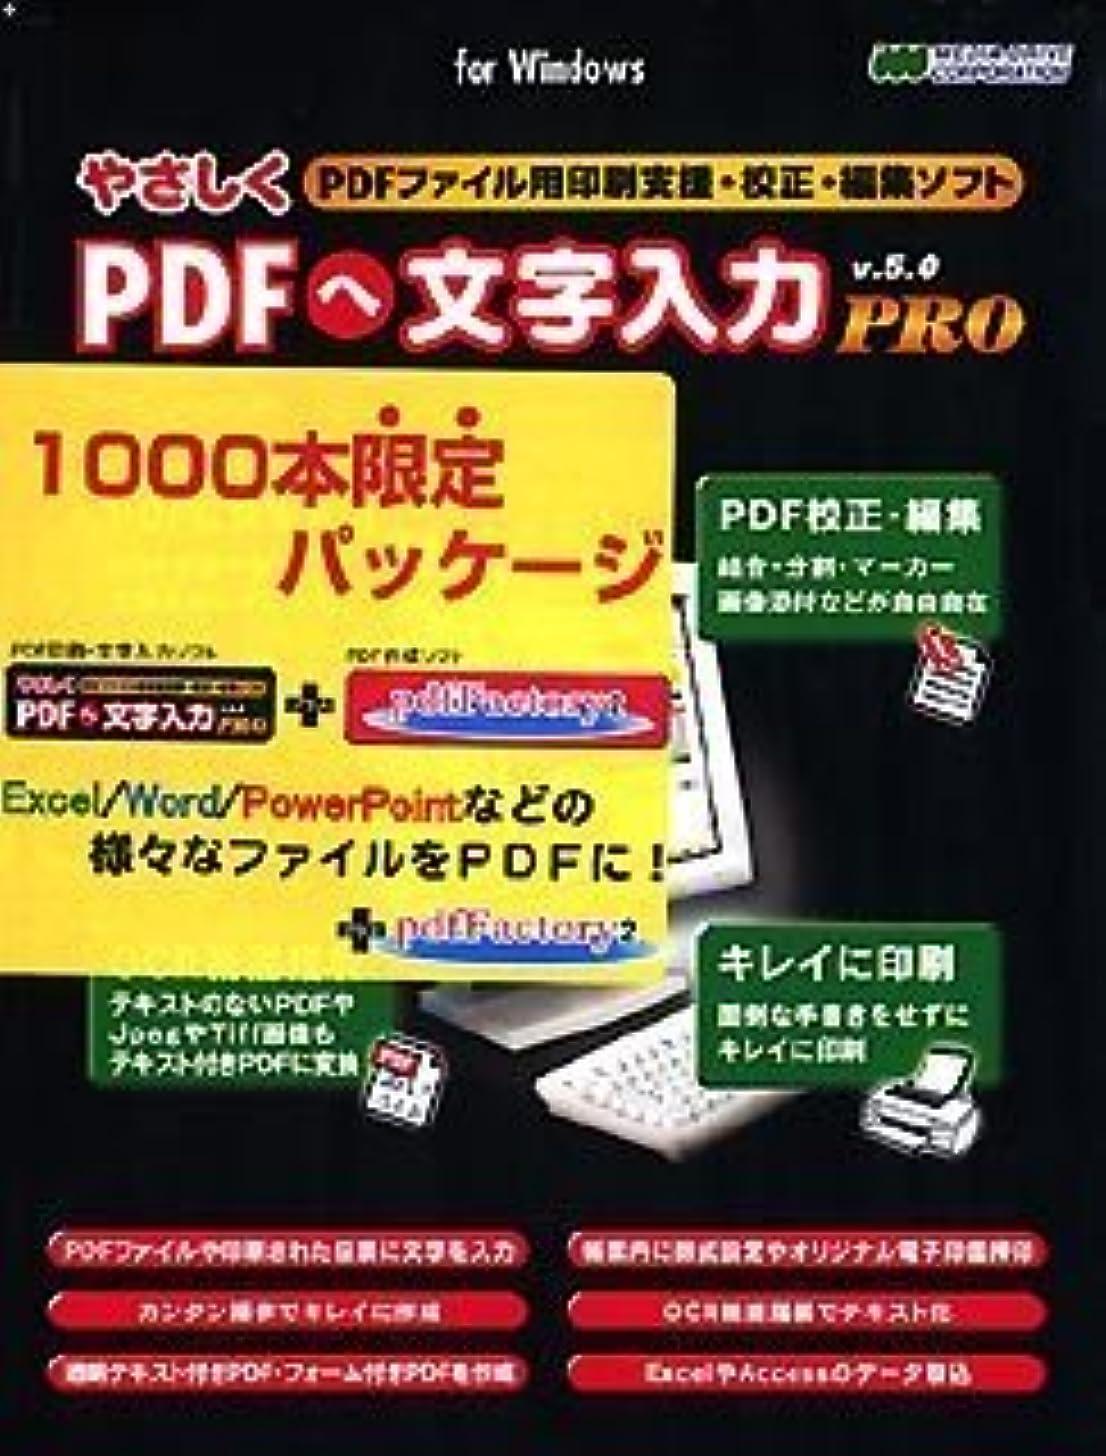 法的バリケード賠償やさしくPDFへ文字入力 PRO v.5.0 + pdfFactory 2 キャンペーン版